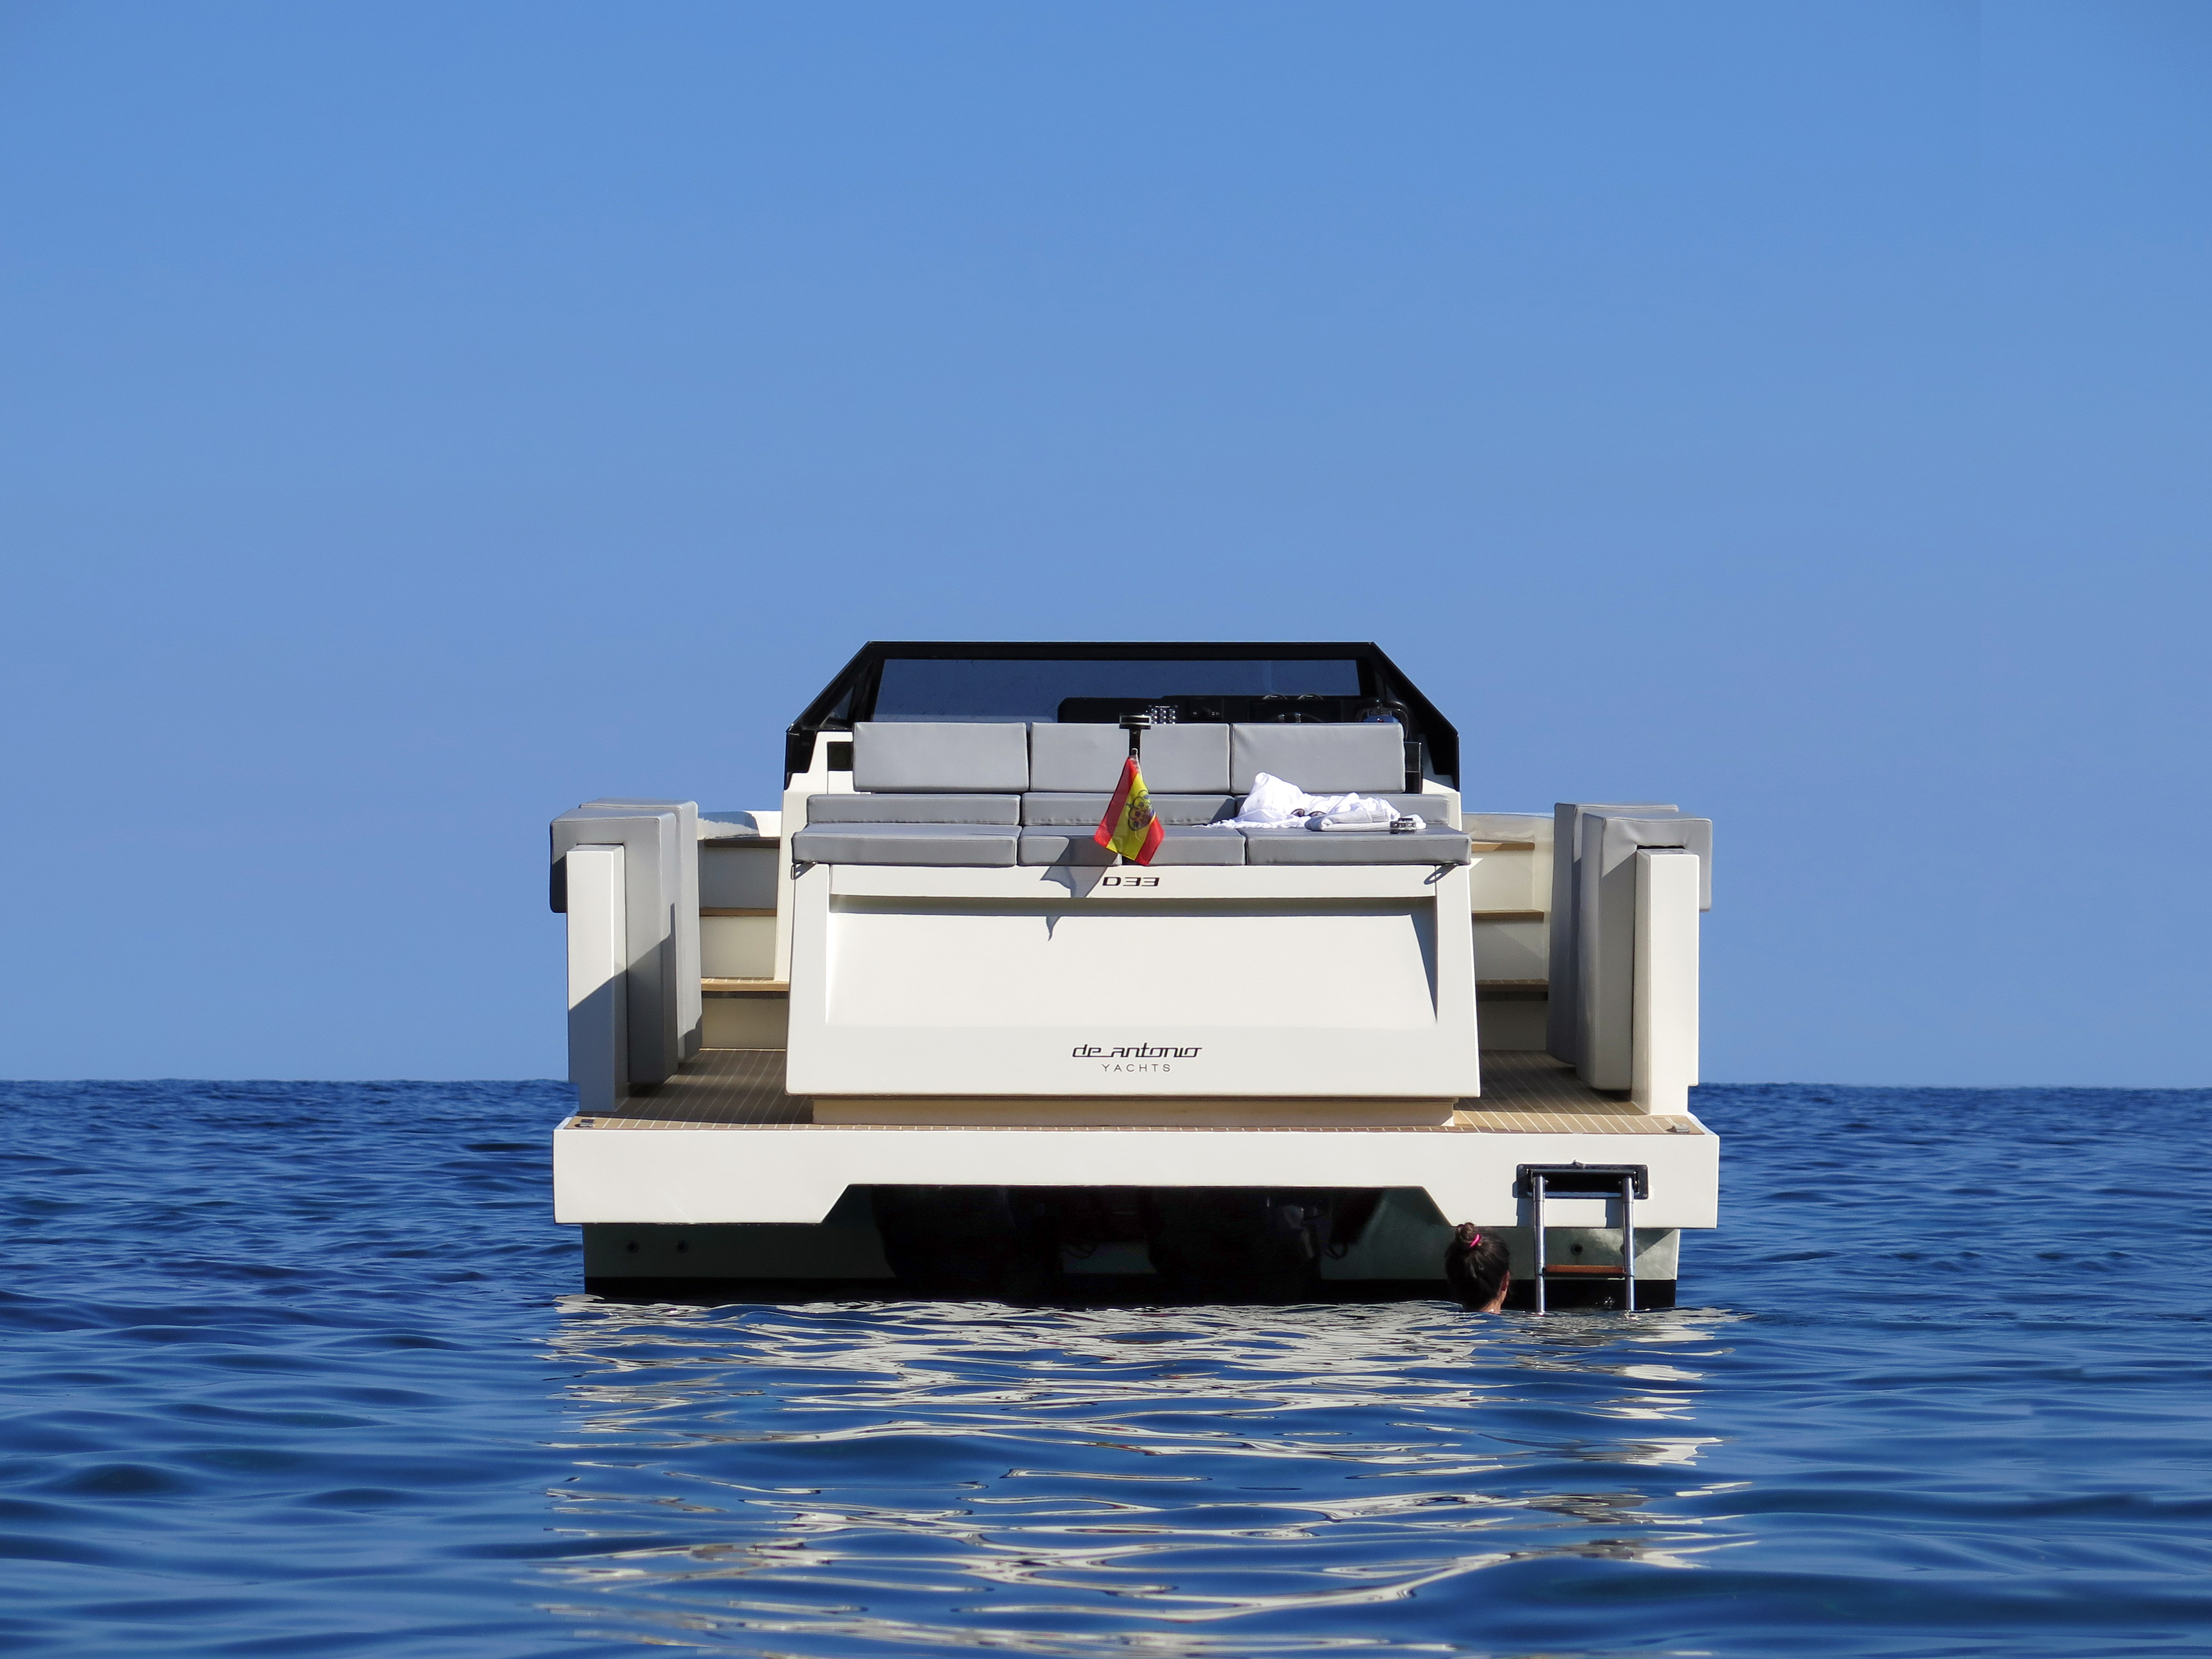 De Antonio Yachts_D33 Cruiser_11